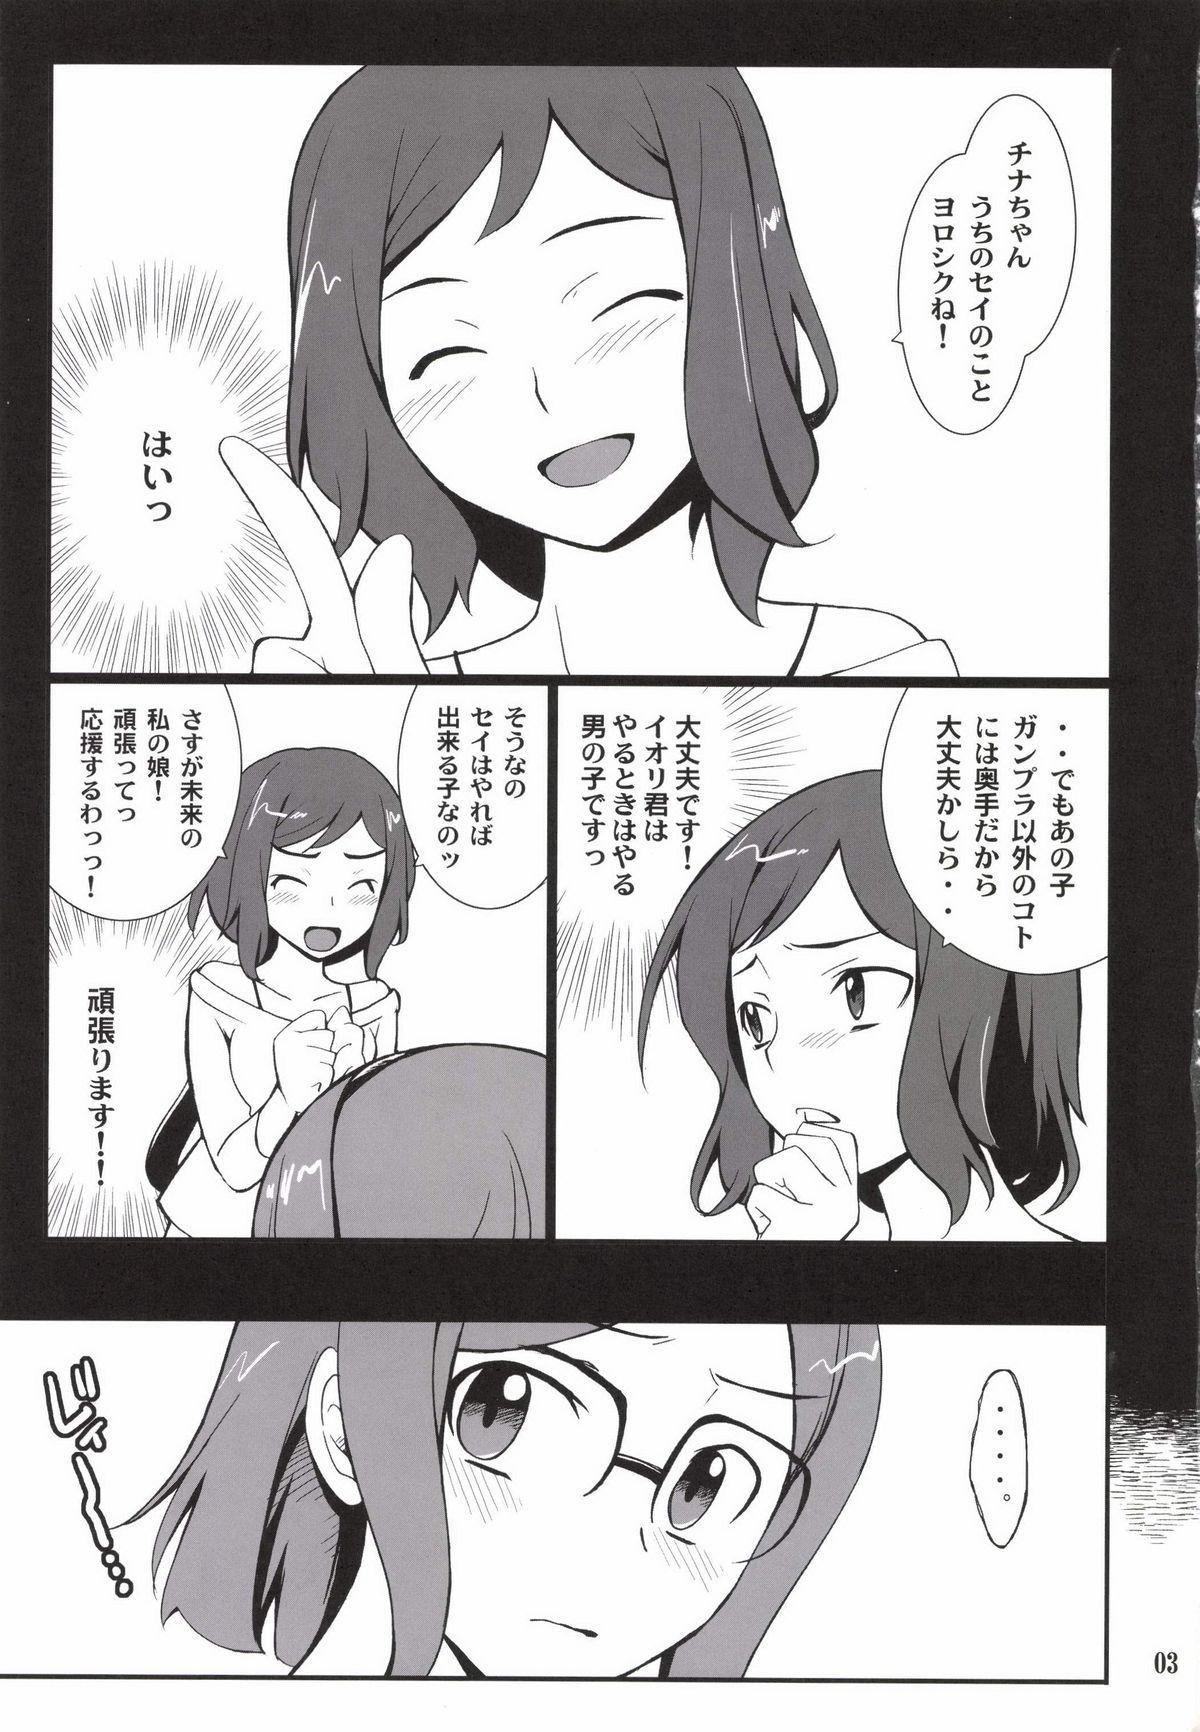 Toaru Machi no Mokeiya-san de 2